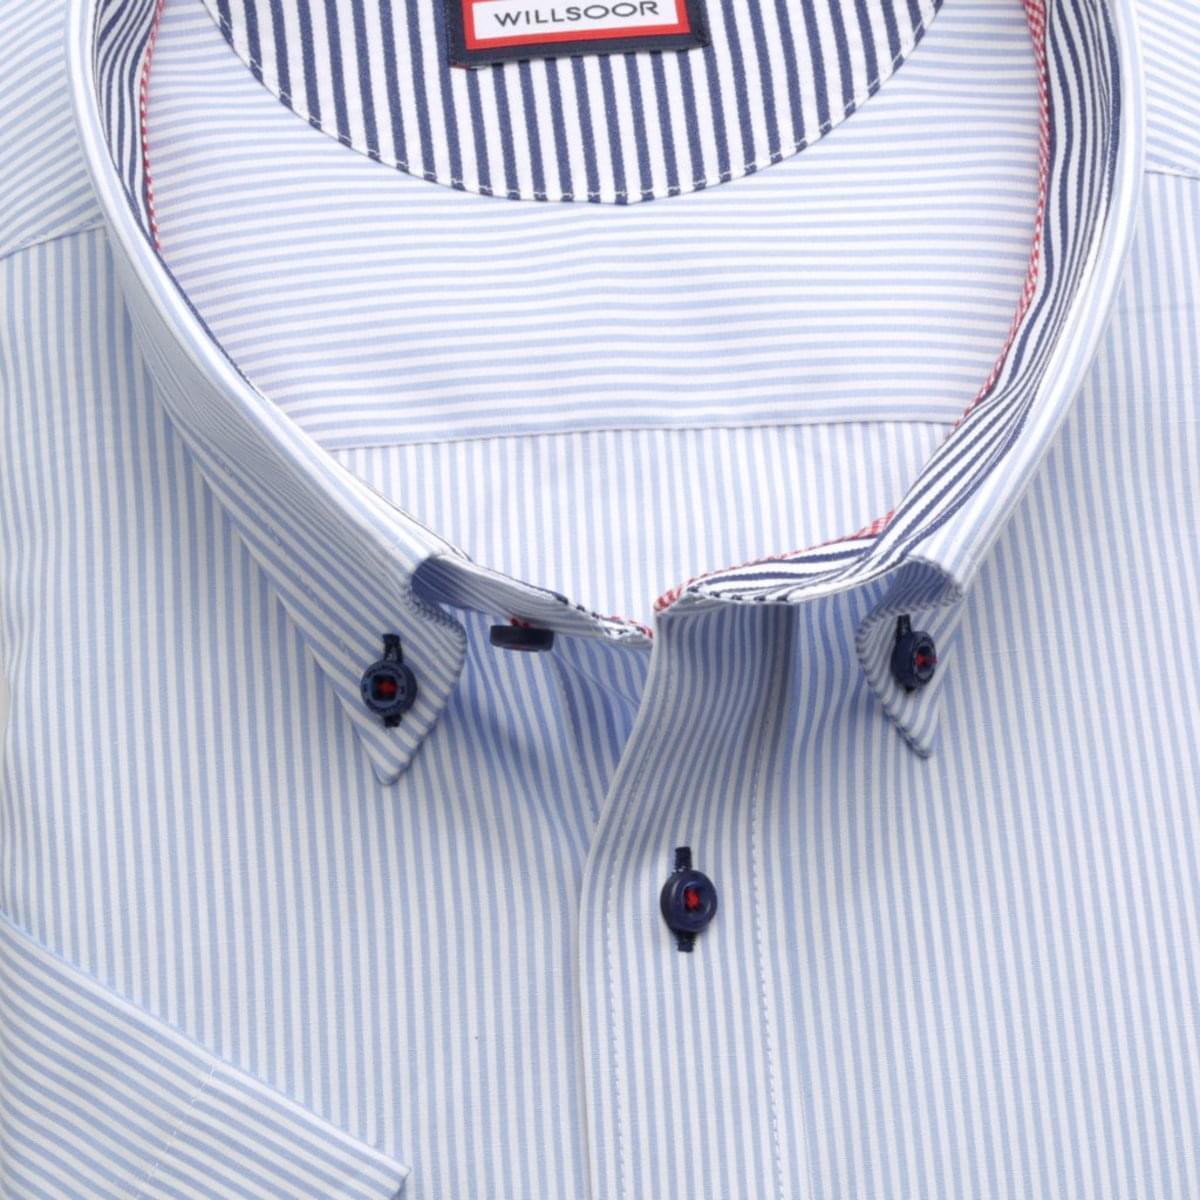 Pánská klasická košile (výška 176-182) 6603 s jemným modrým proužkem a formulí Easy Care 176-182 / 51/52